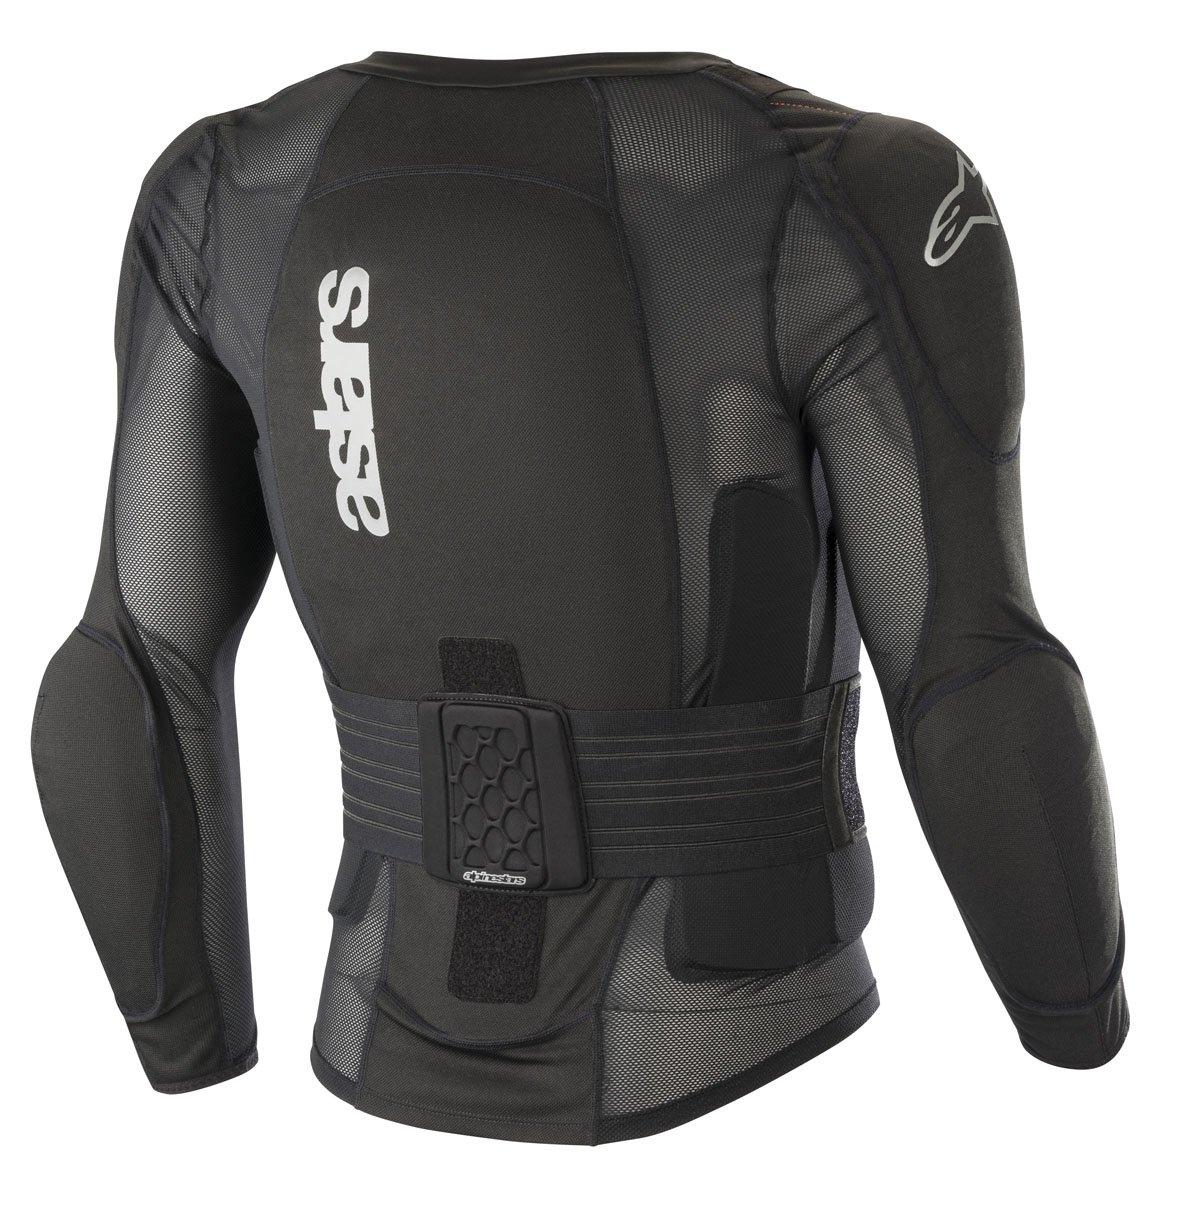 Alpinestars Paragon Pro Protection Jacket body armor | Beskyttelse